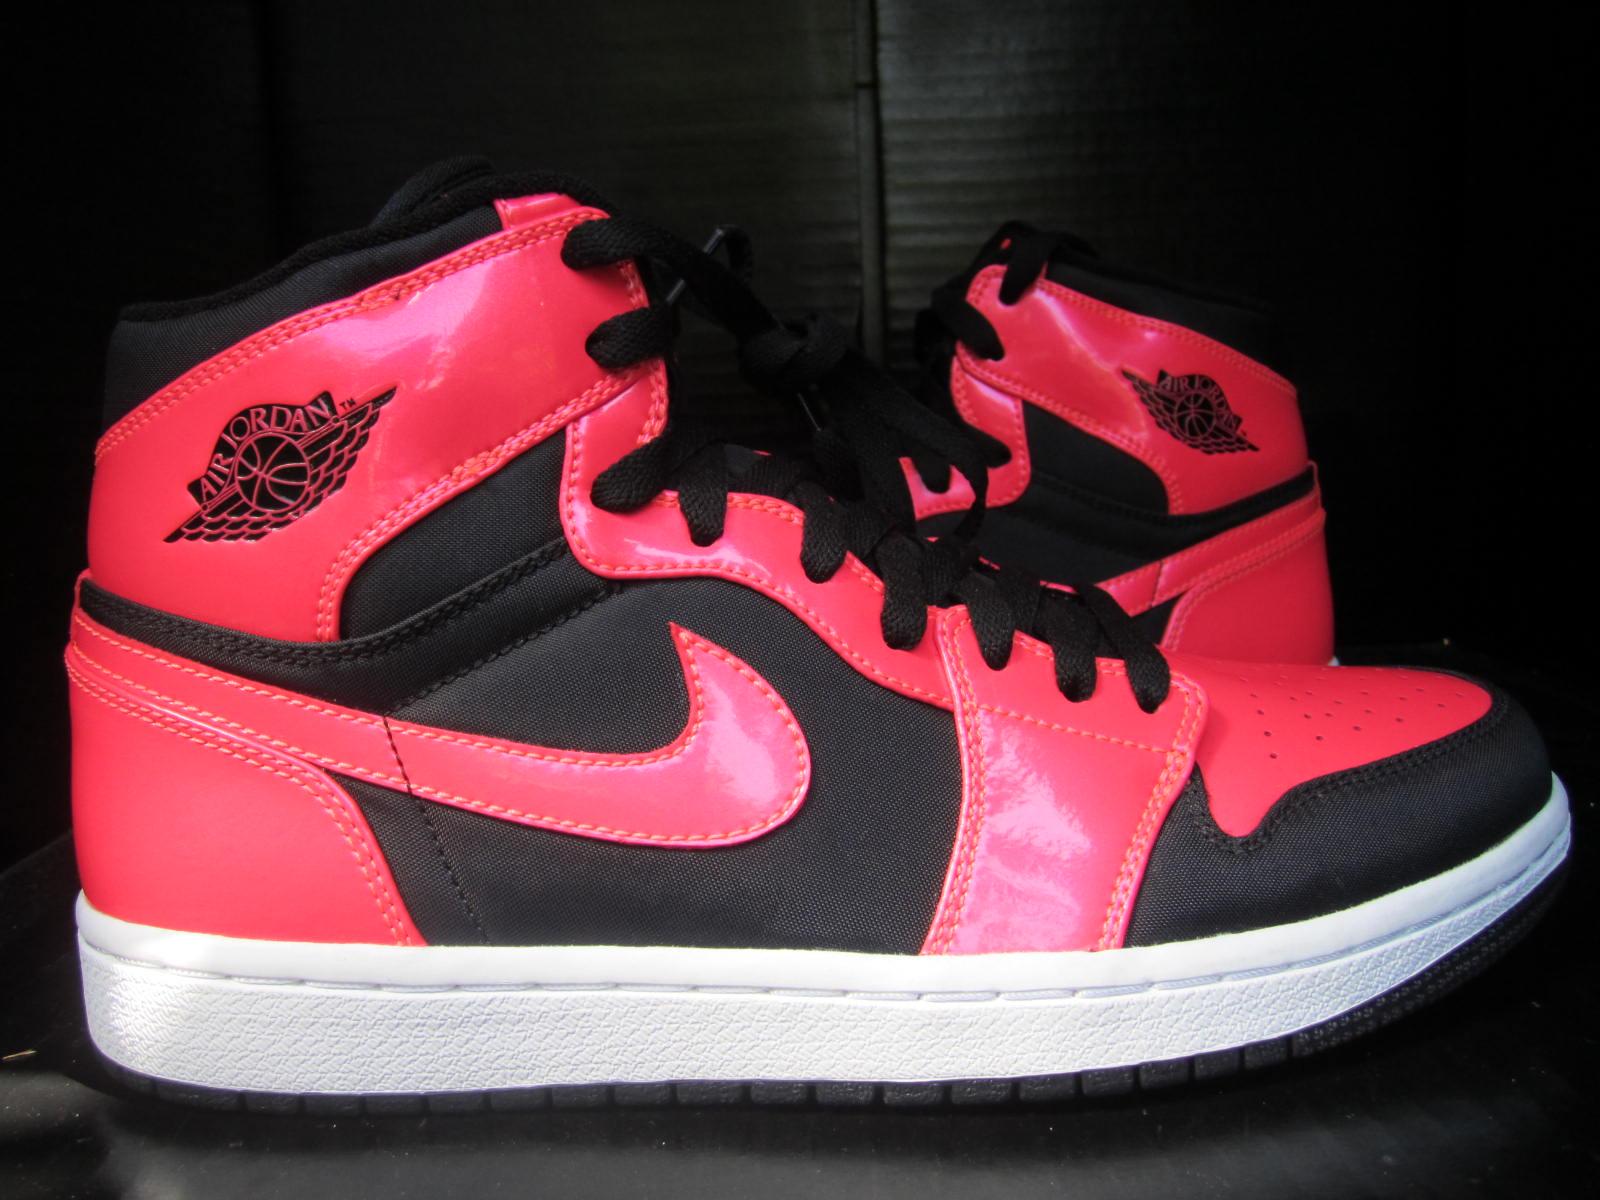 Rare Air - Air Jordan I Retro High